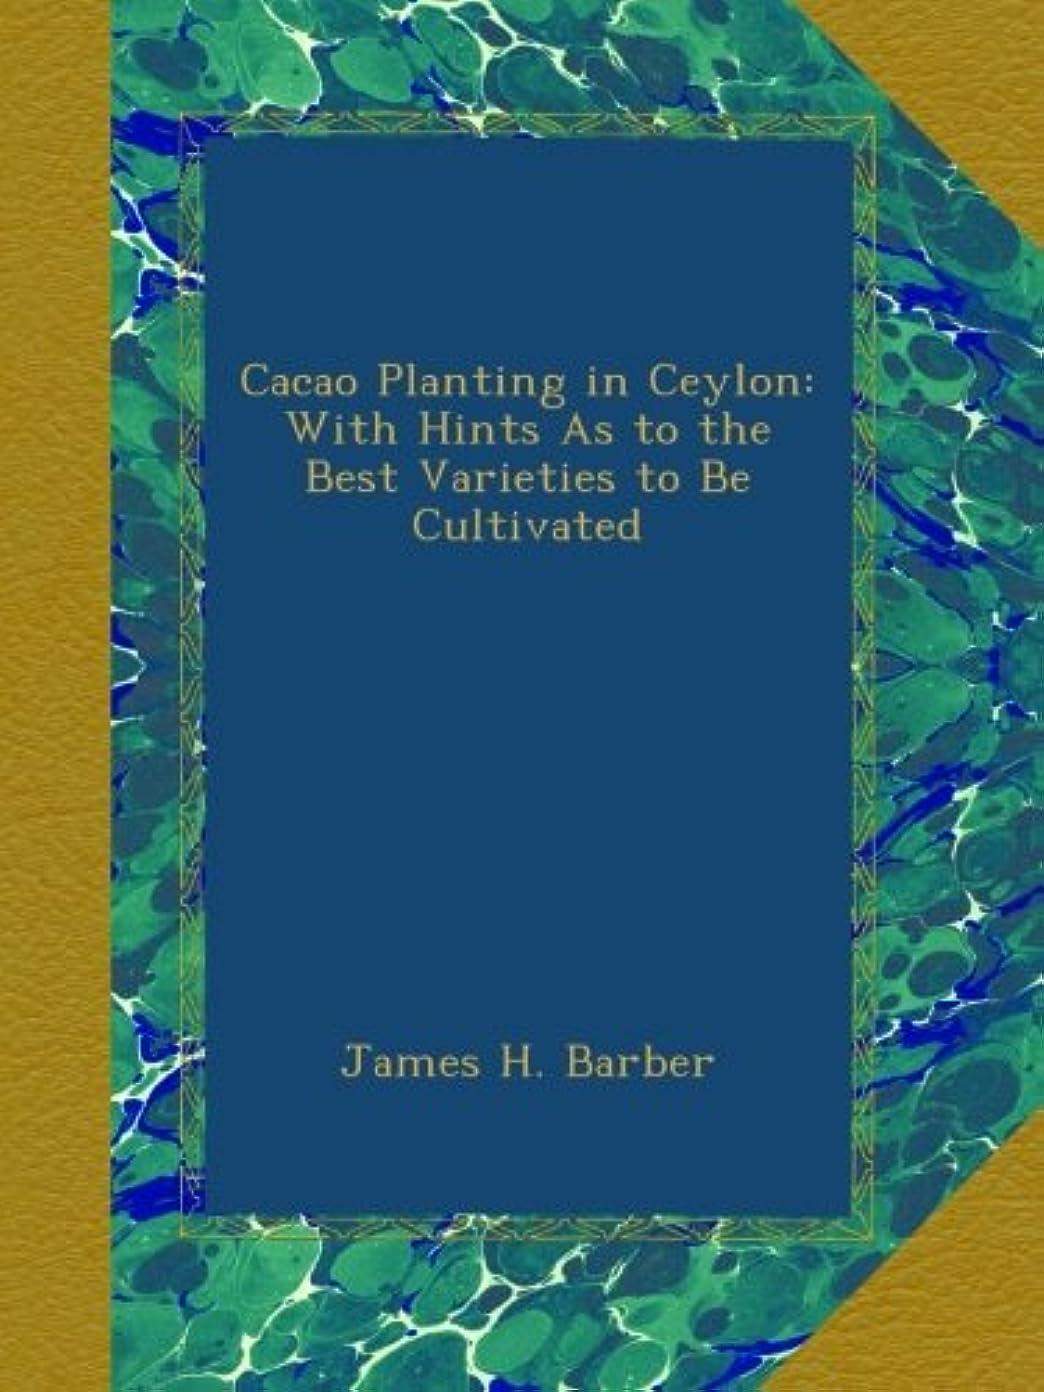 化学薬品ビジターアルカイックCacao Planting in Ceylon: With Hints As to the Best Varieties to Be Cultivated